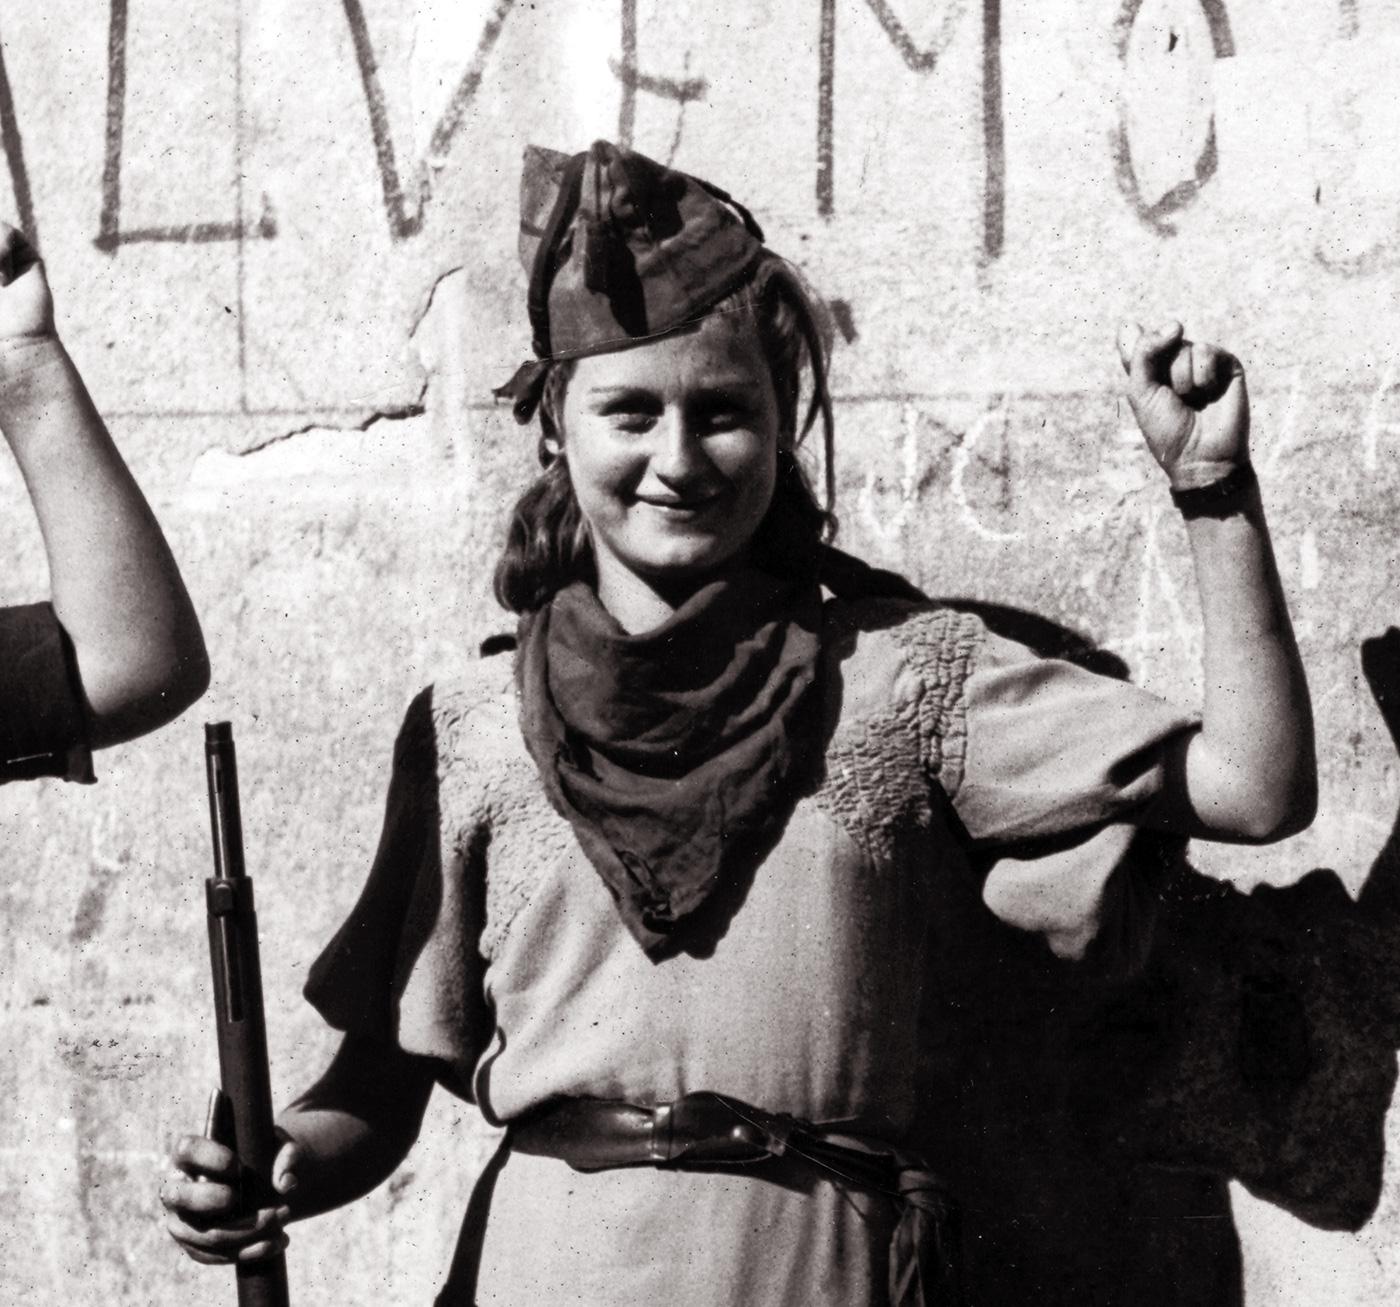 Fotografía: milicianas de la toma de Guadalajara por parte de las fuerzas republicanas.- Díaz Casariego / Fundación Anselmo Lorenzo